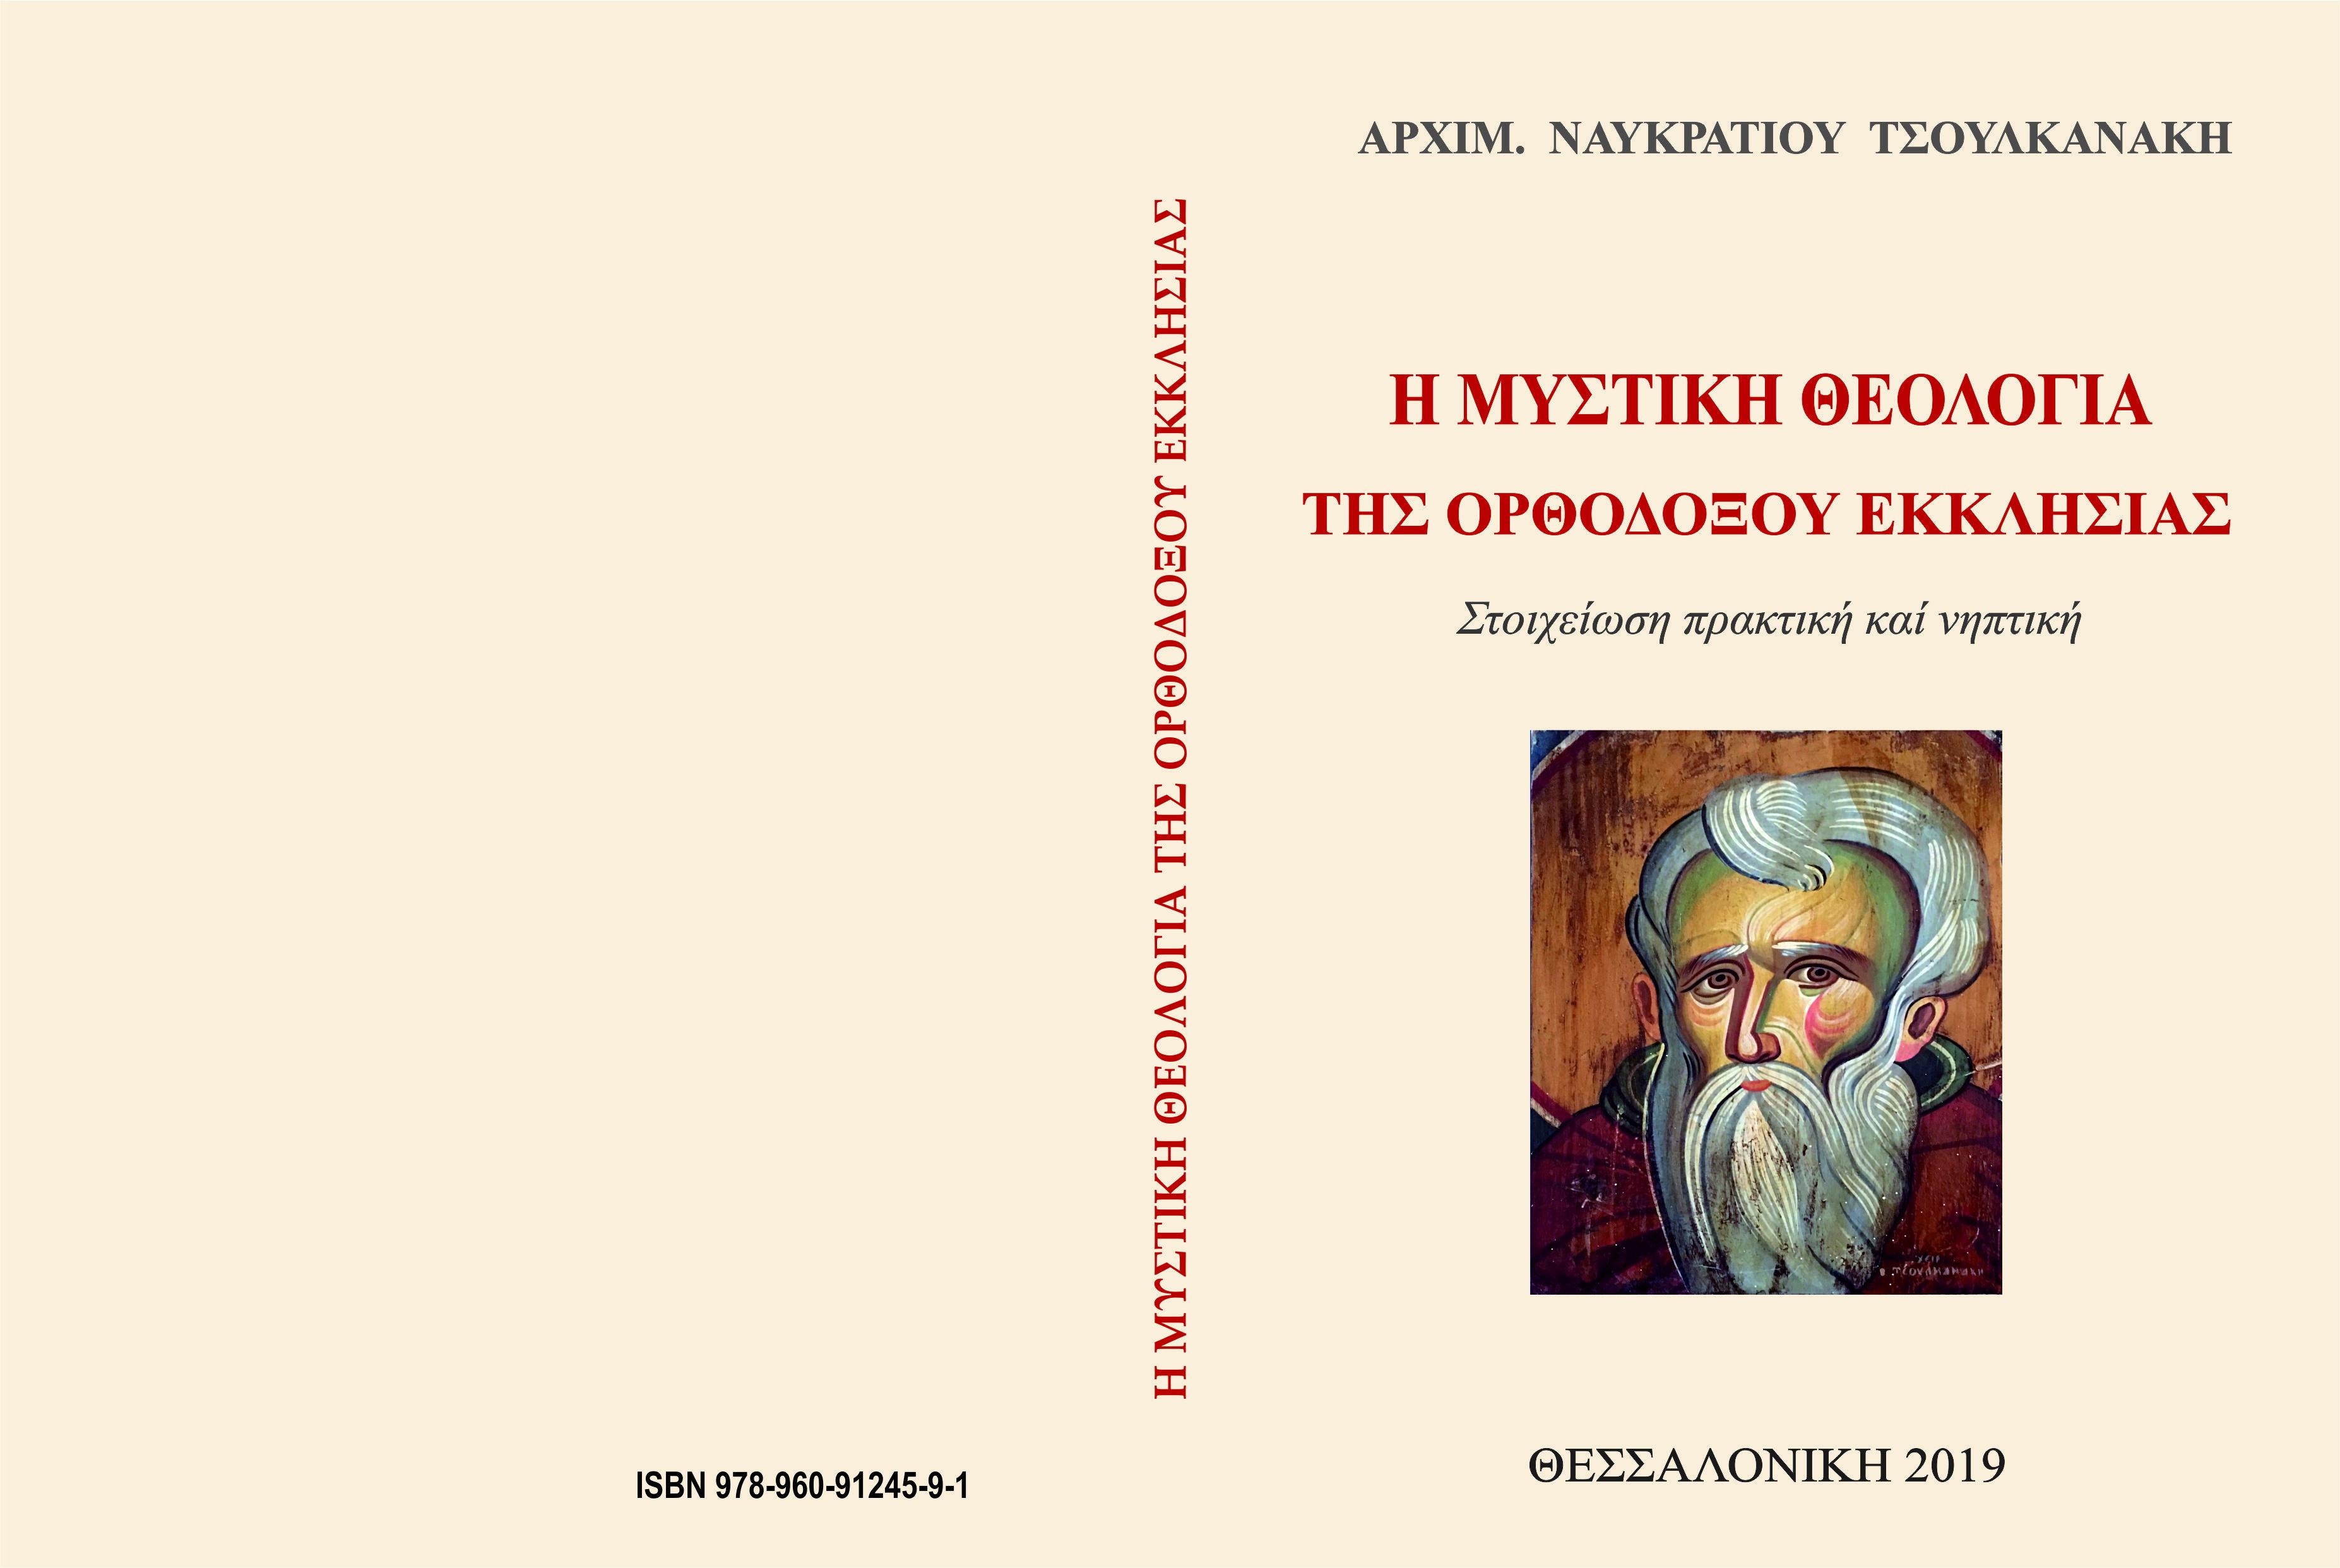 ΕΞΩΦΥΛΛΟ ΜΥΣΤΙΚΗ ΘΕΟΛΟΓΙΑ-JPEG